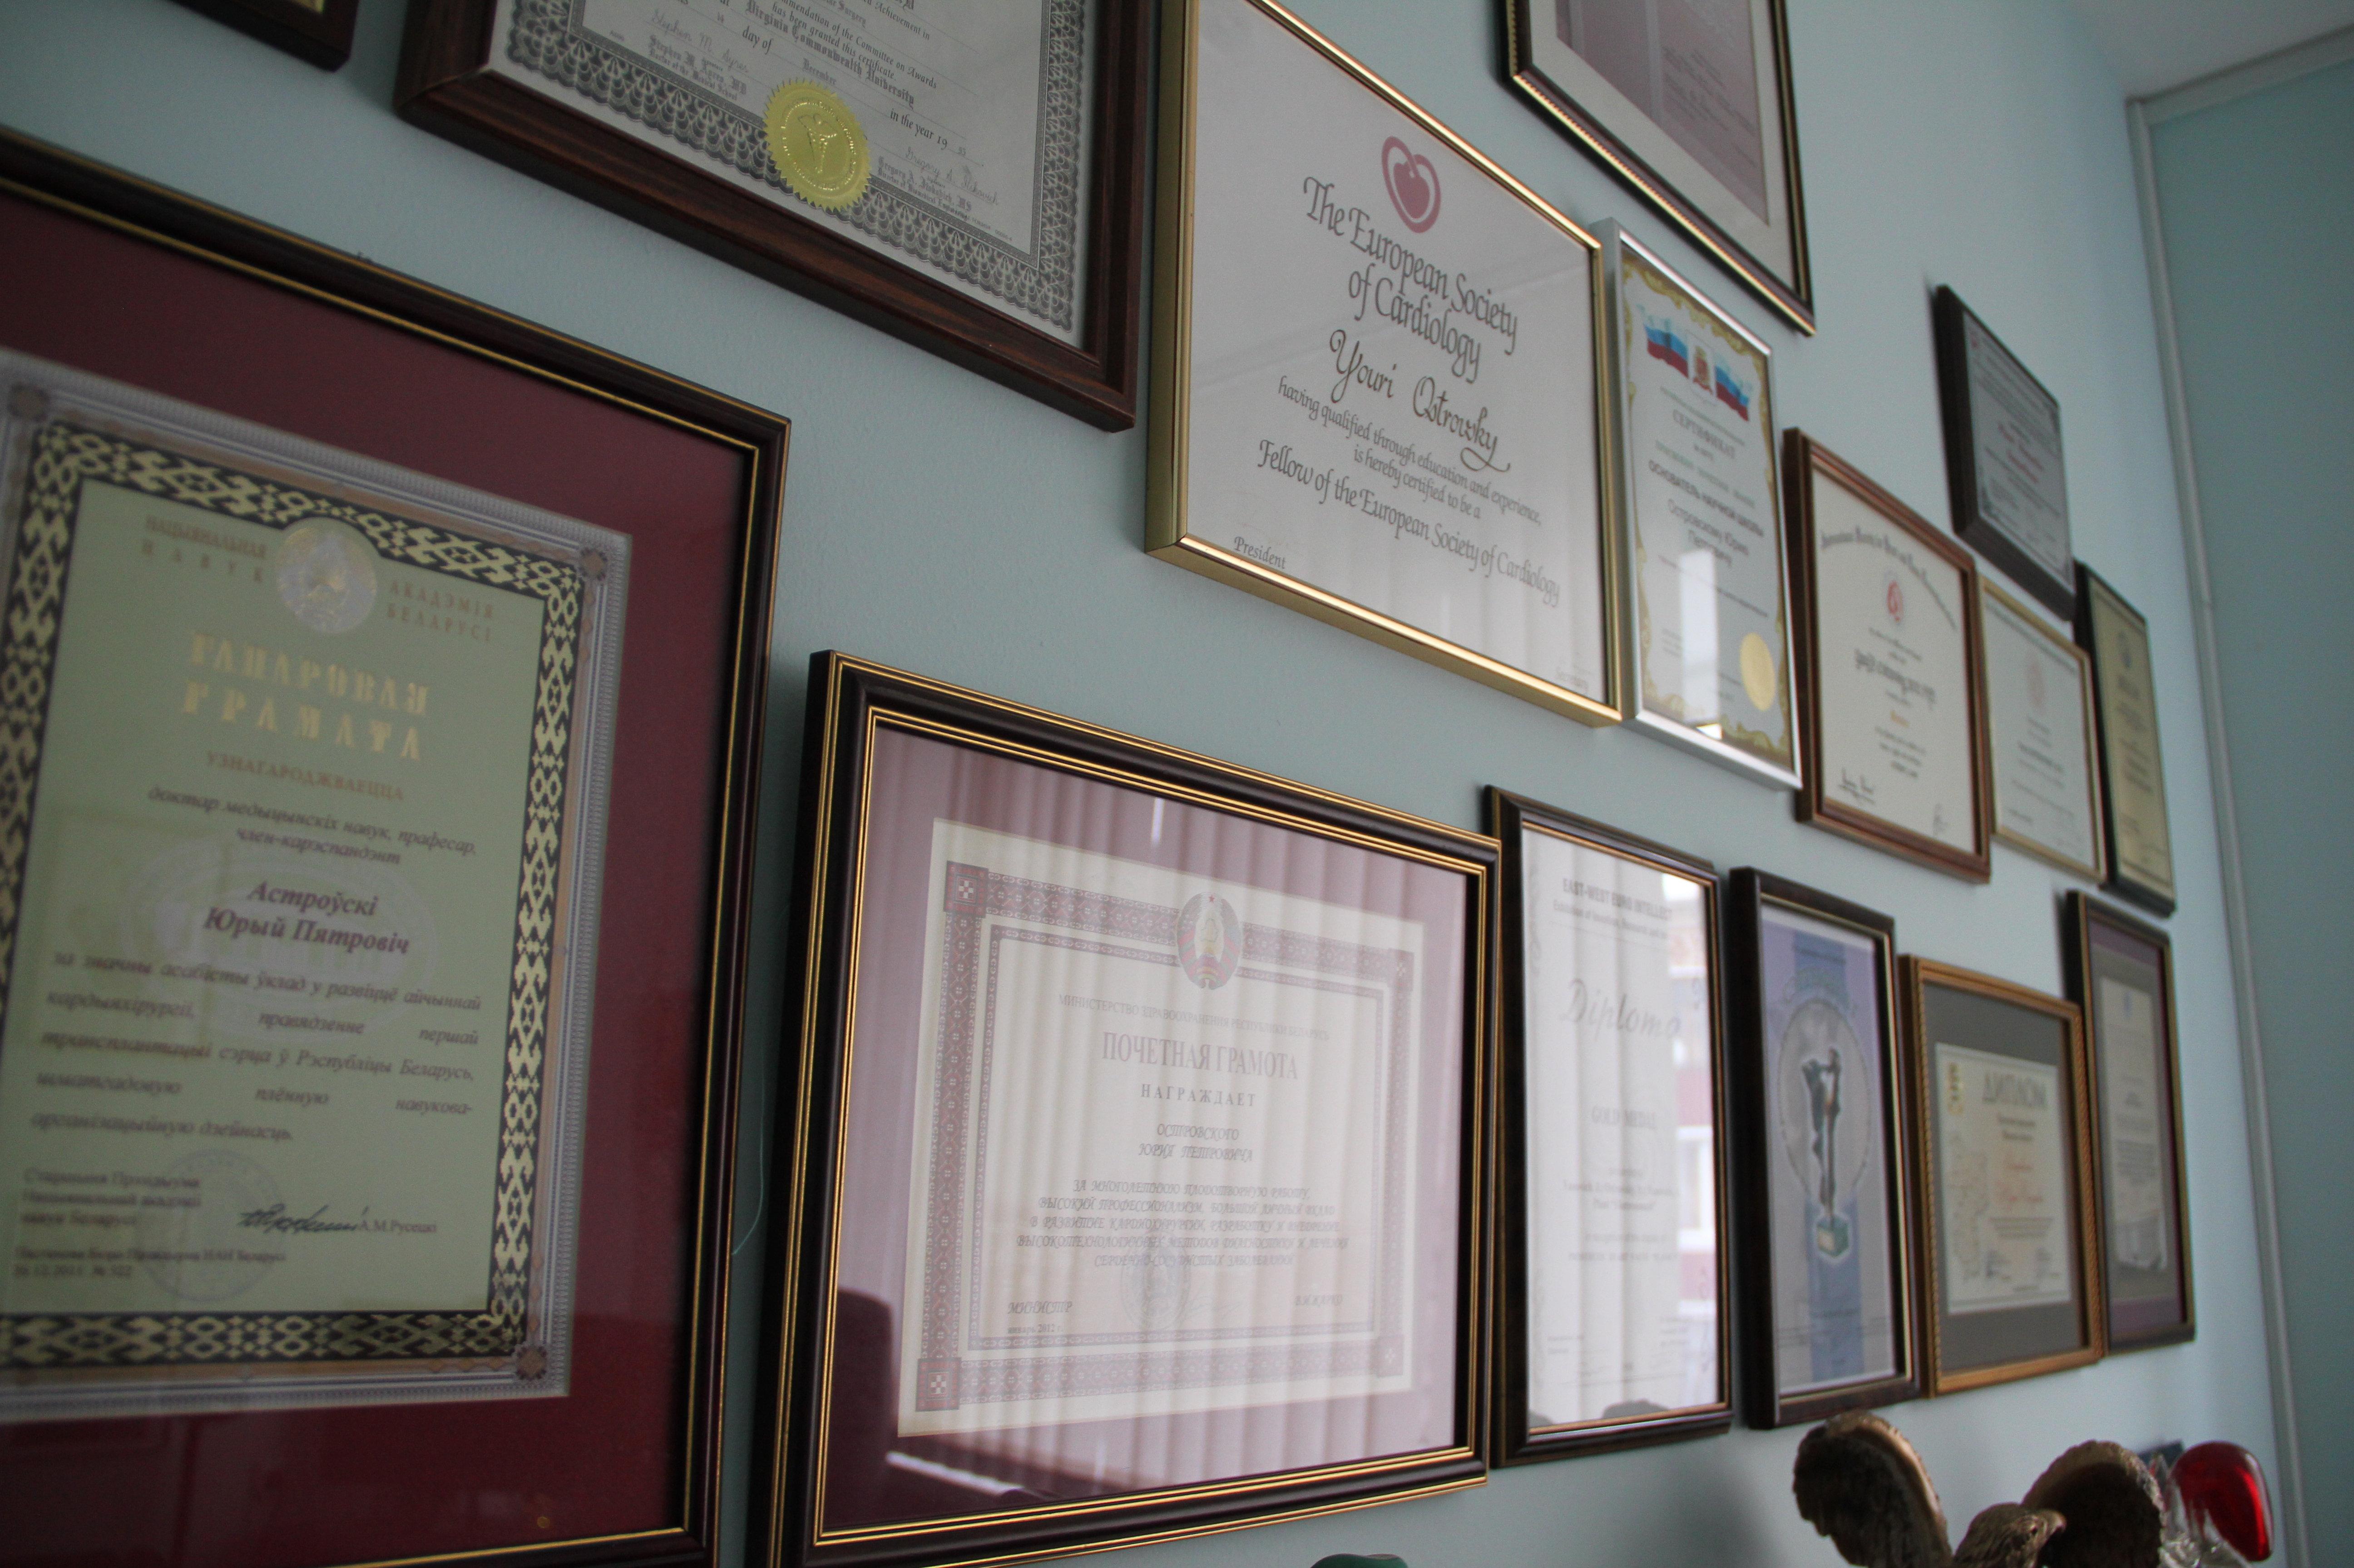 По дипломам и грамотам в кабинете Островского можно изучать не только географию, но и языки